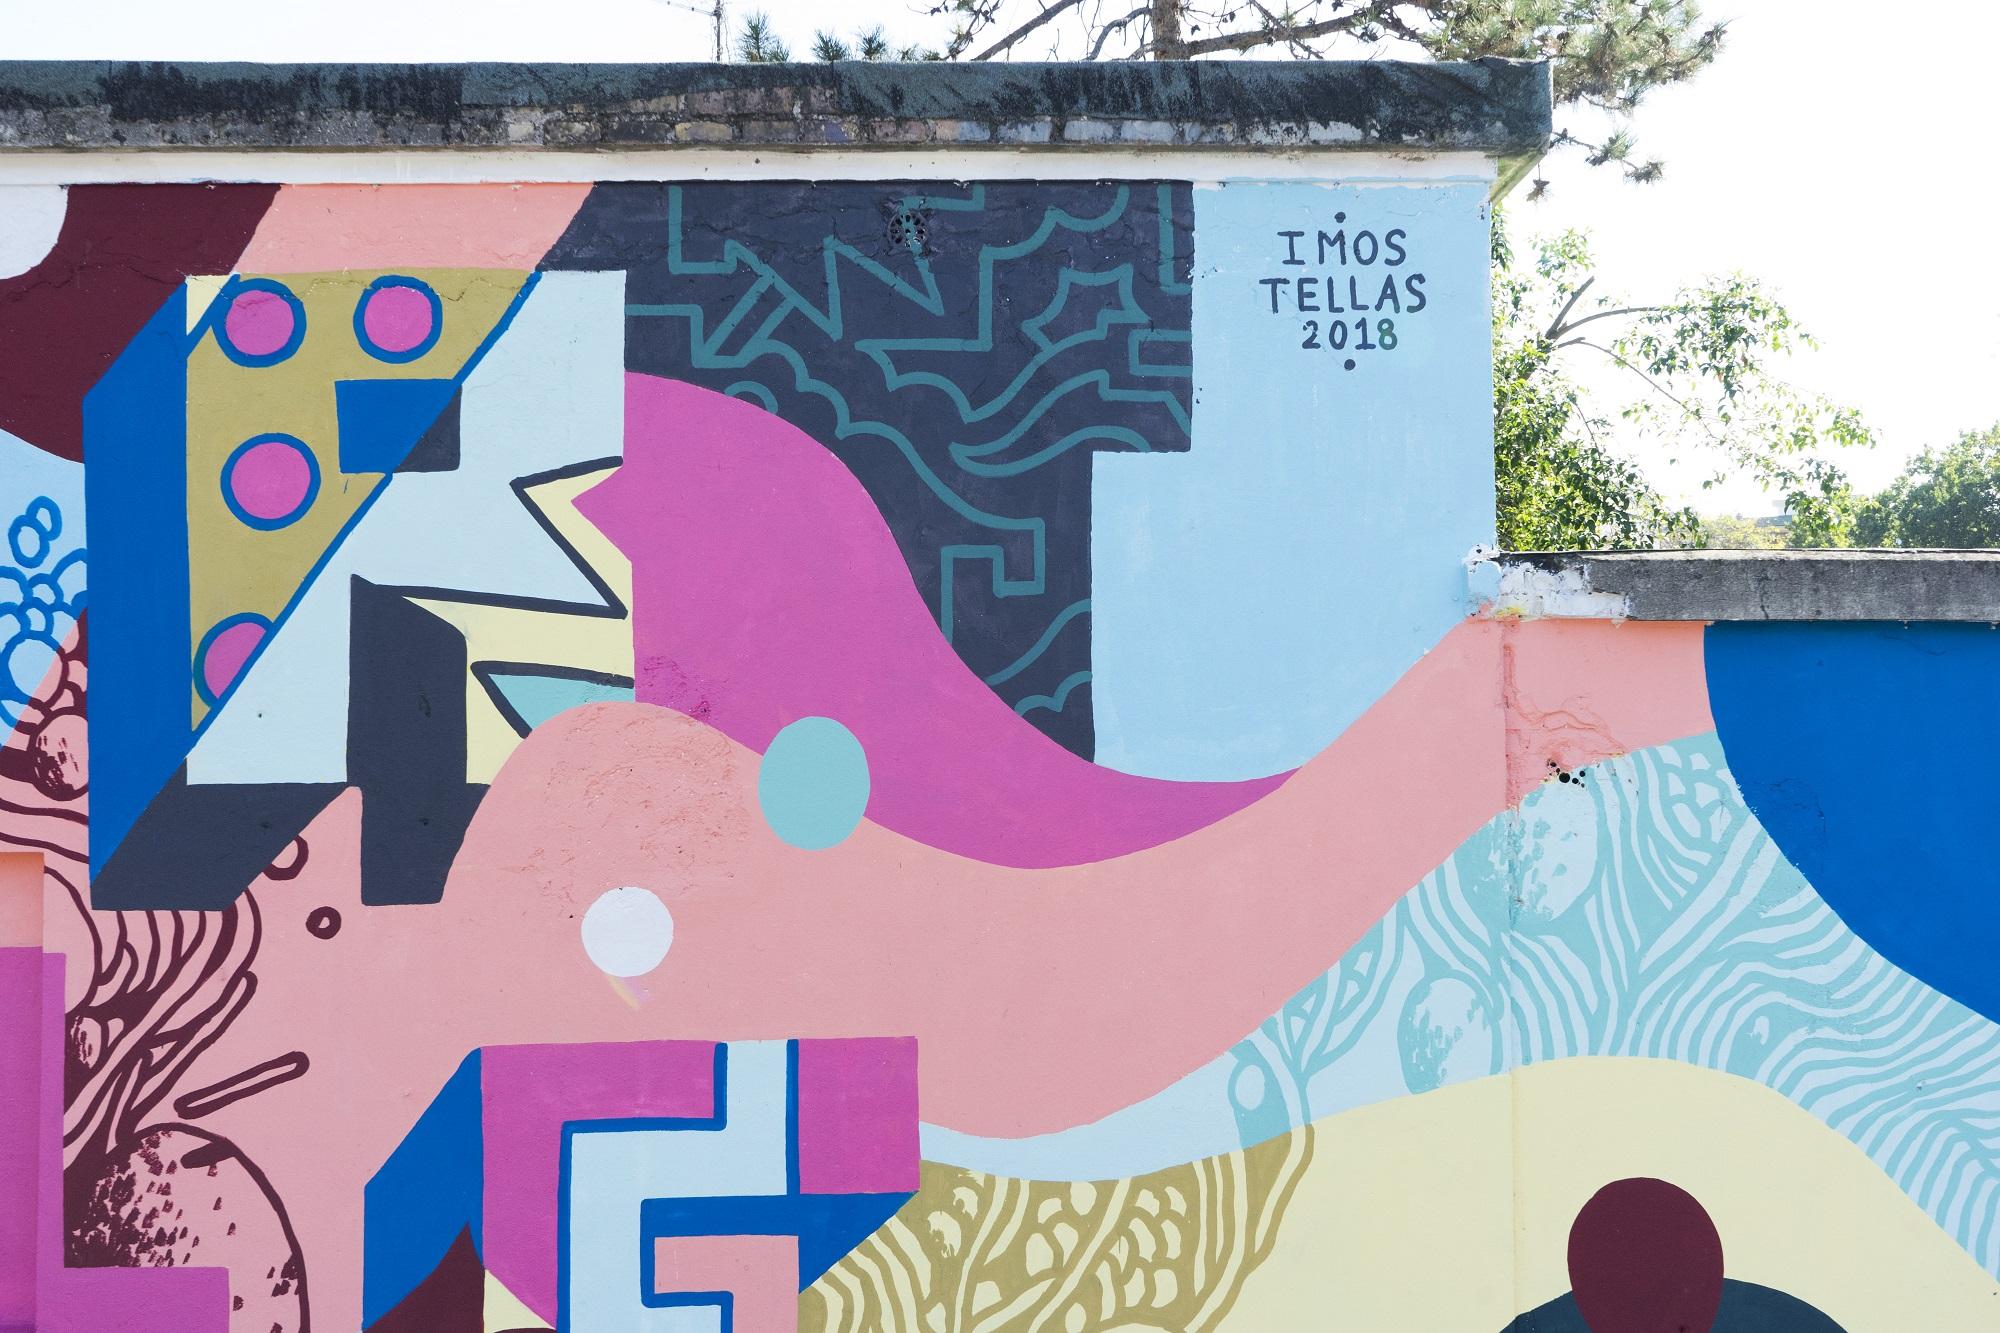 Tellas Imos Strike - Spazio Pubblico Autogestito Graffiti Street Art